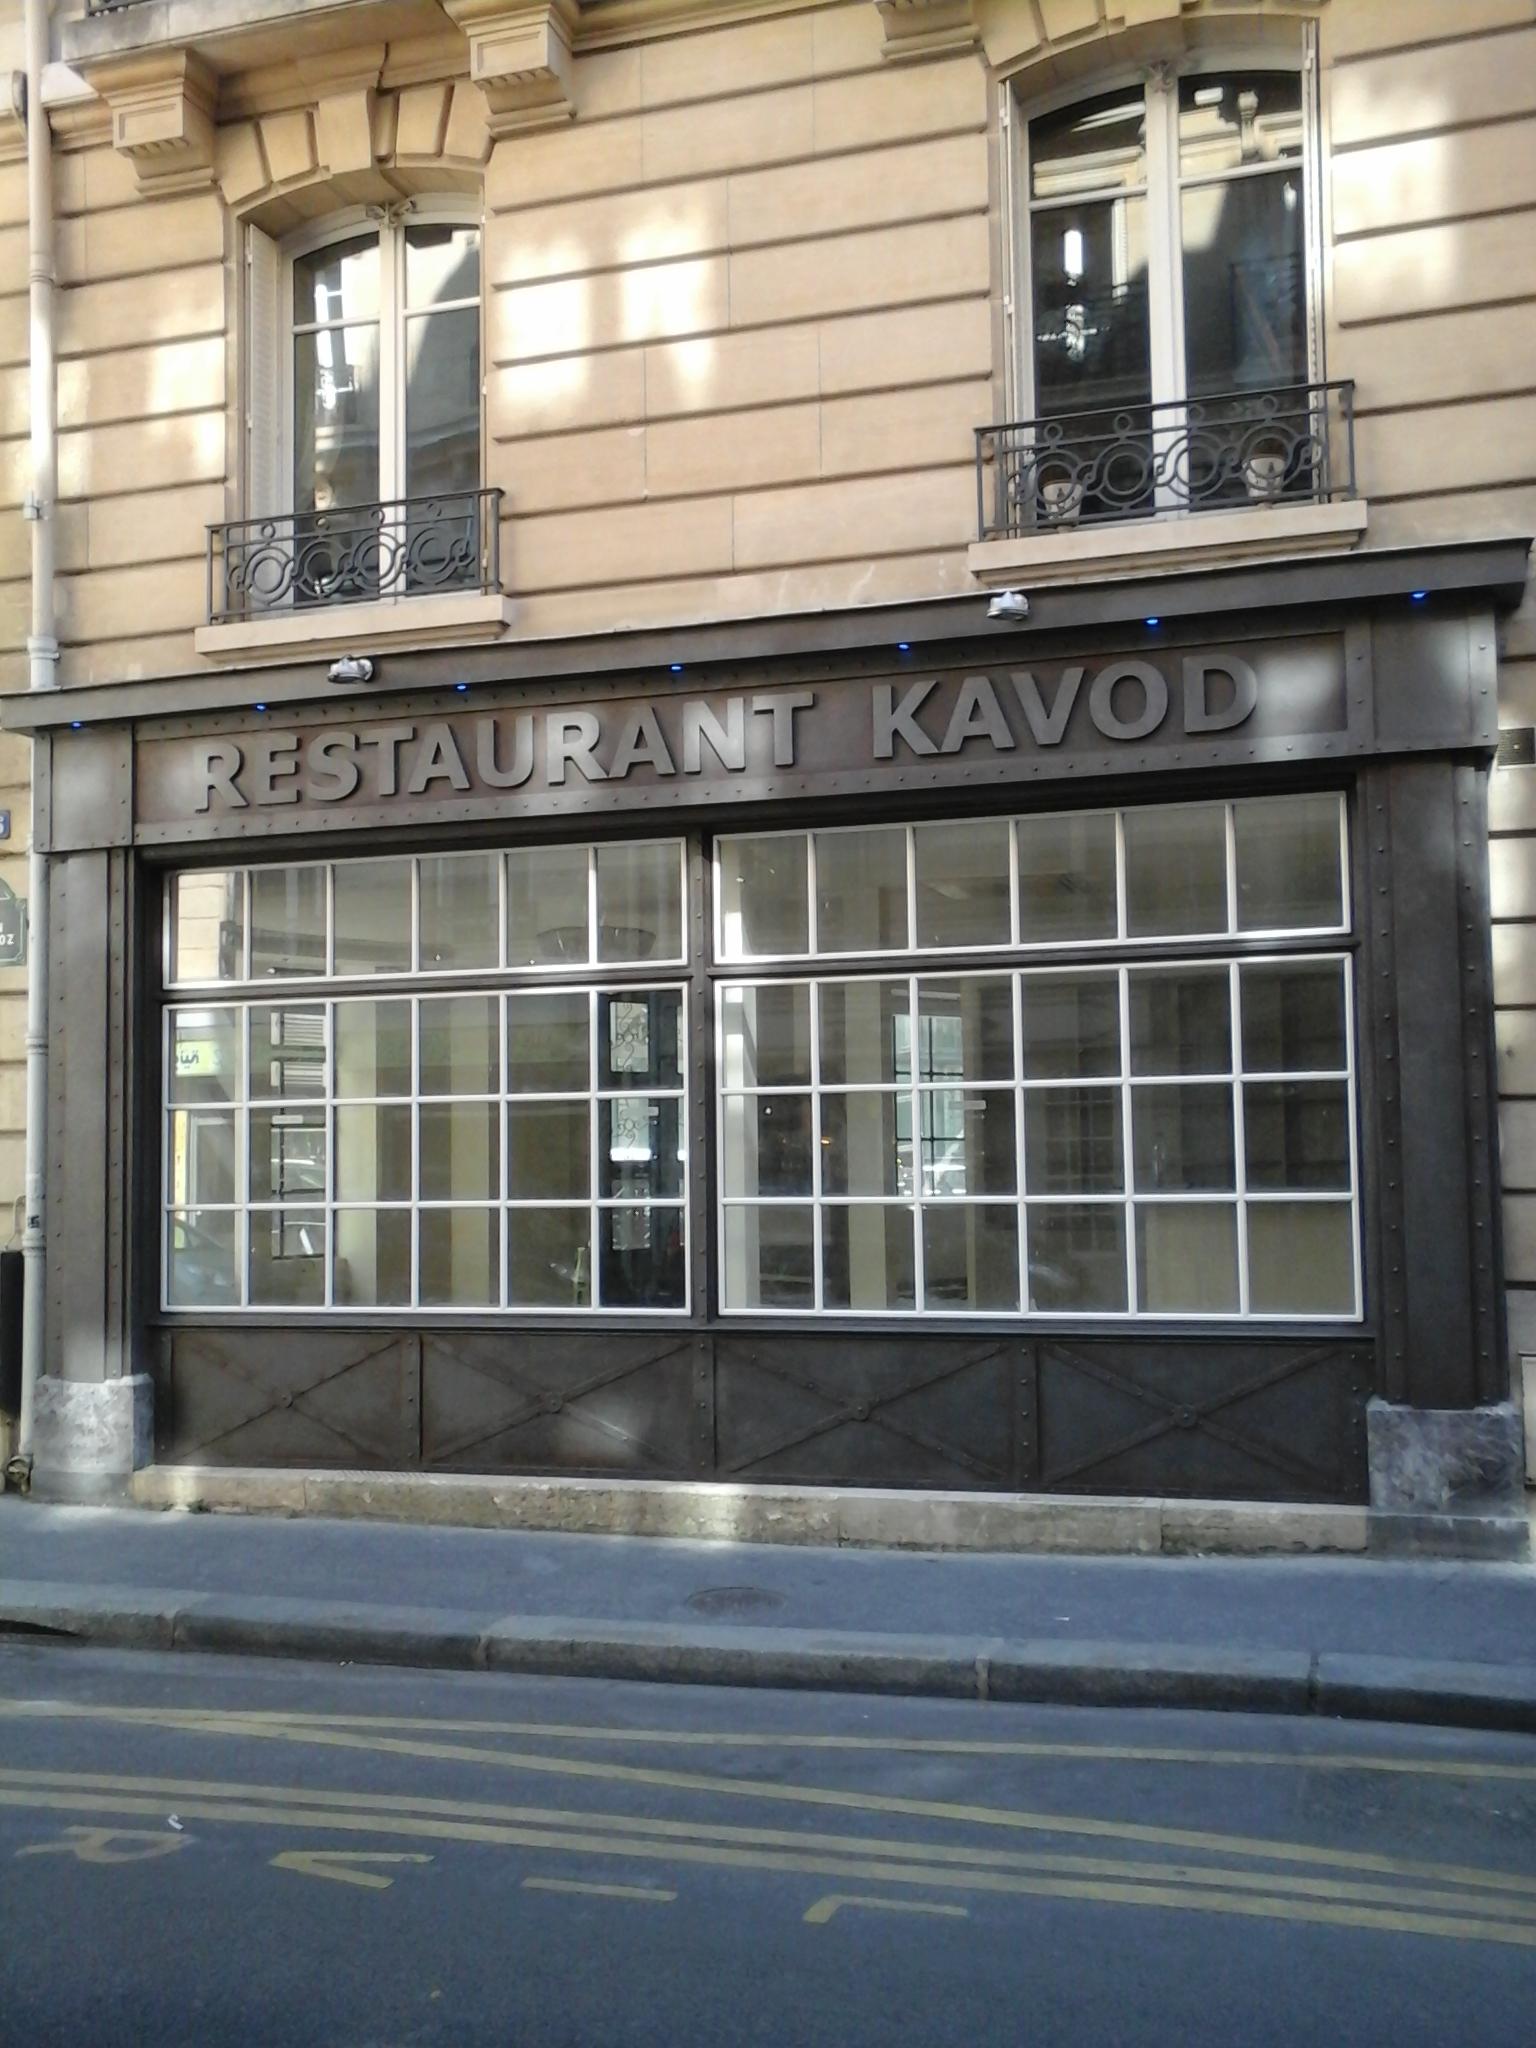 contemporain_ambiance_restaurant-kavod